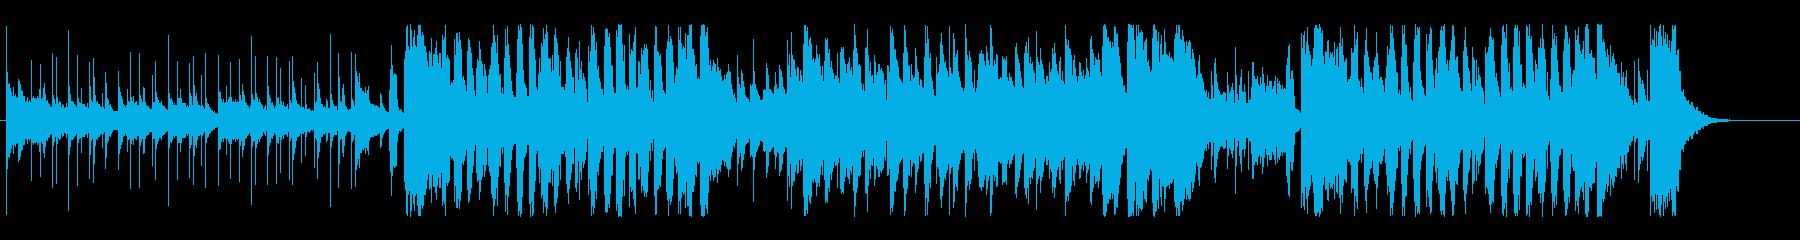 グルーヴィ&ジャジーなビッグバンド!の再生済みの波形